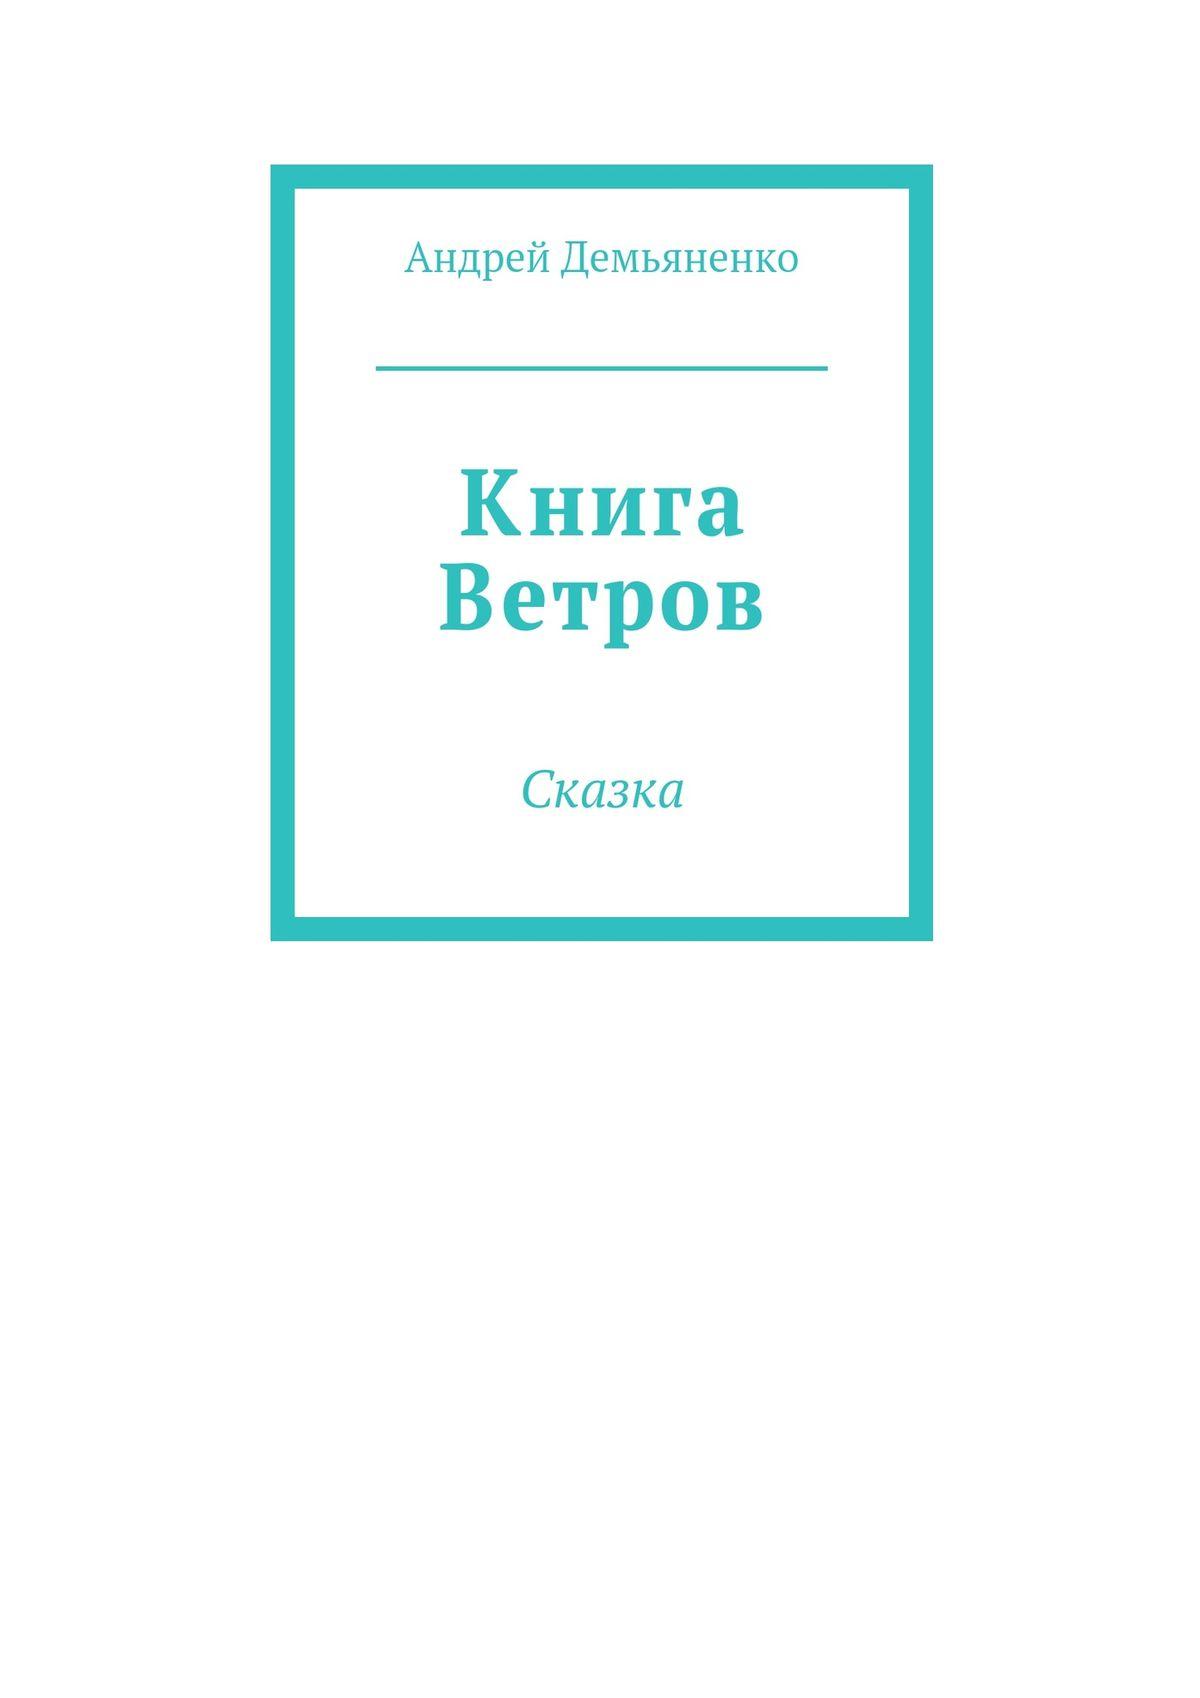 Андрей Демьяненко Книга Ветров